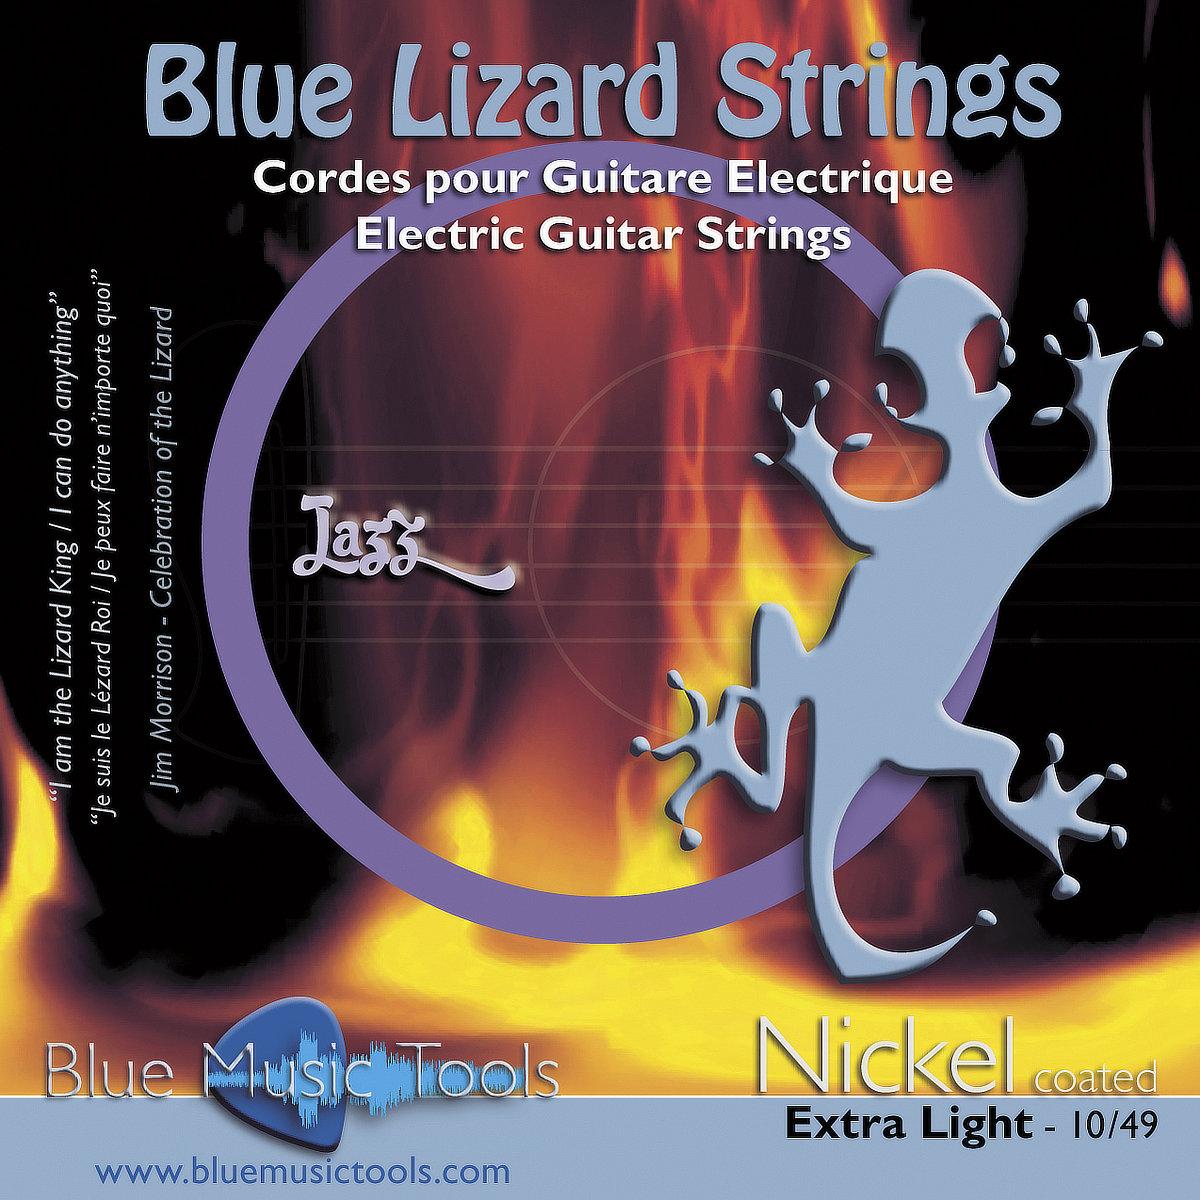 Cordes pour guitares électriques 10/49